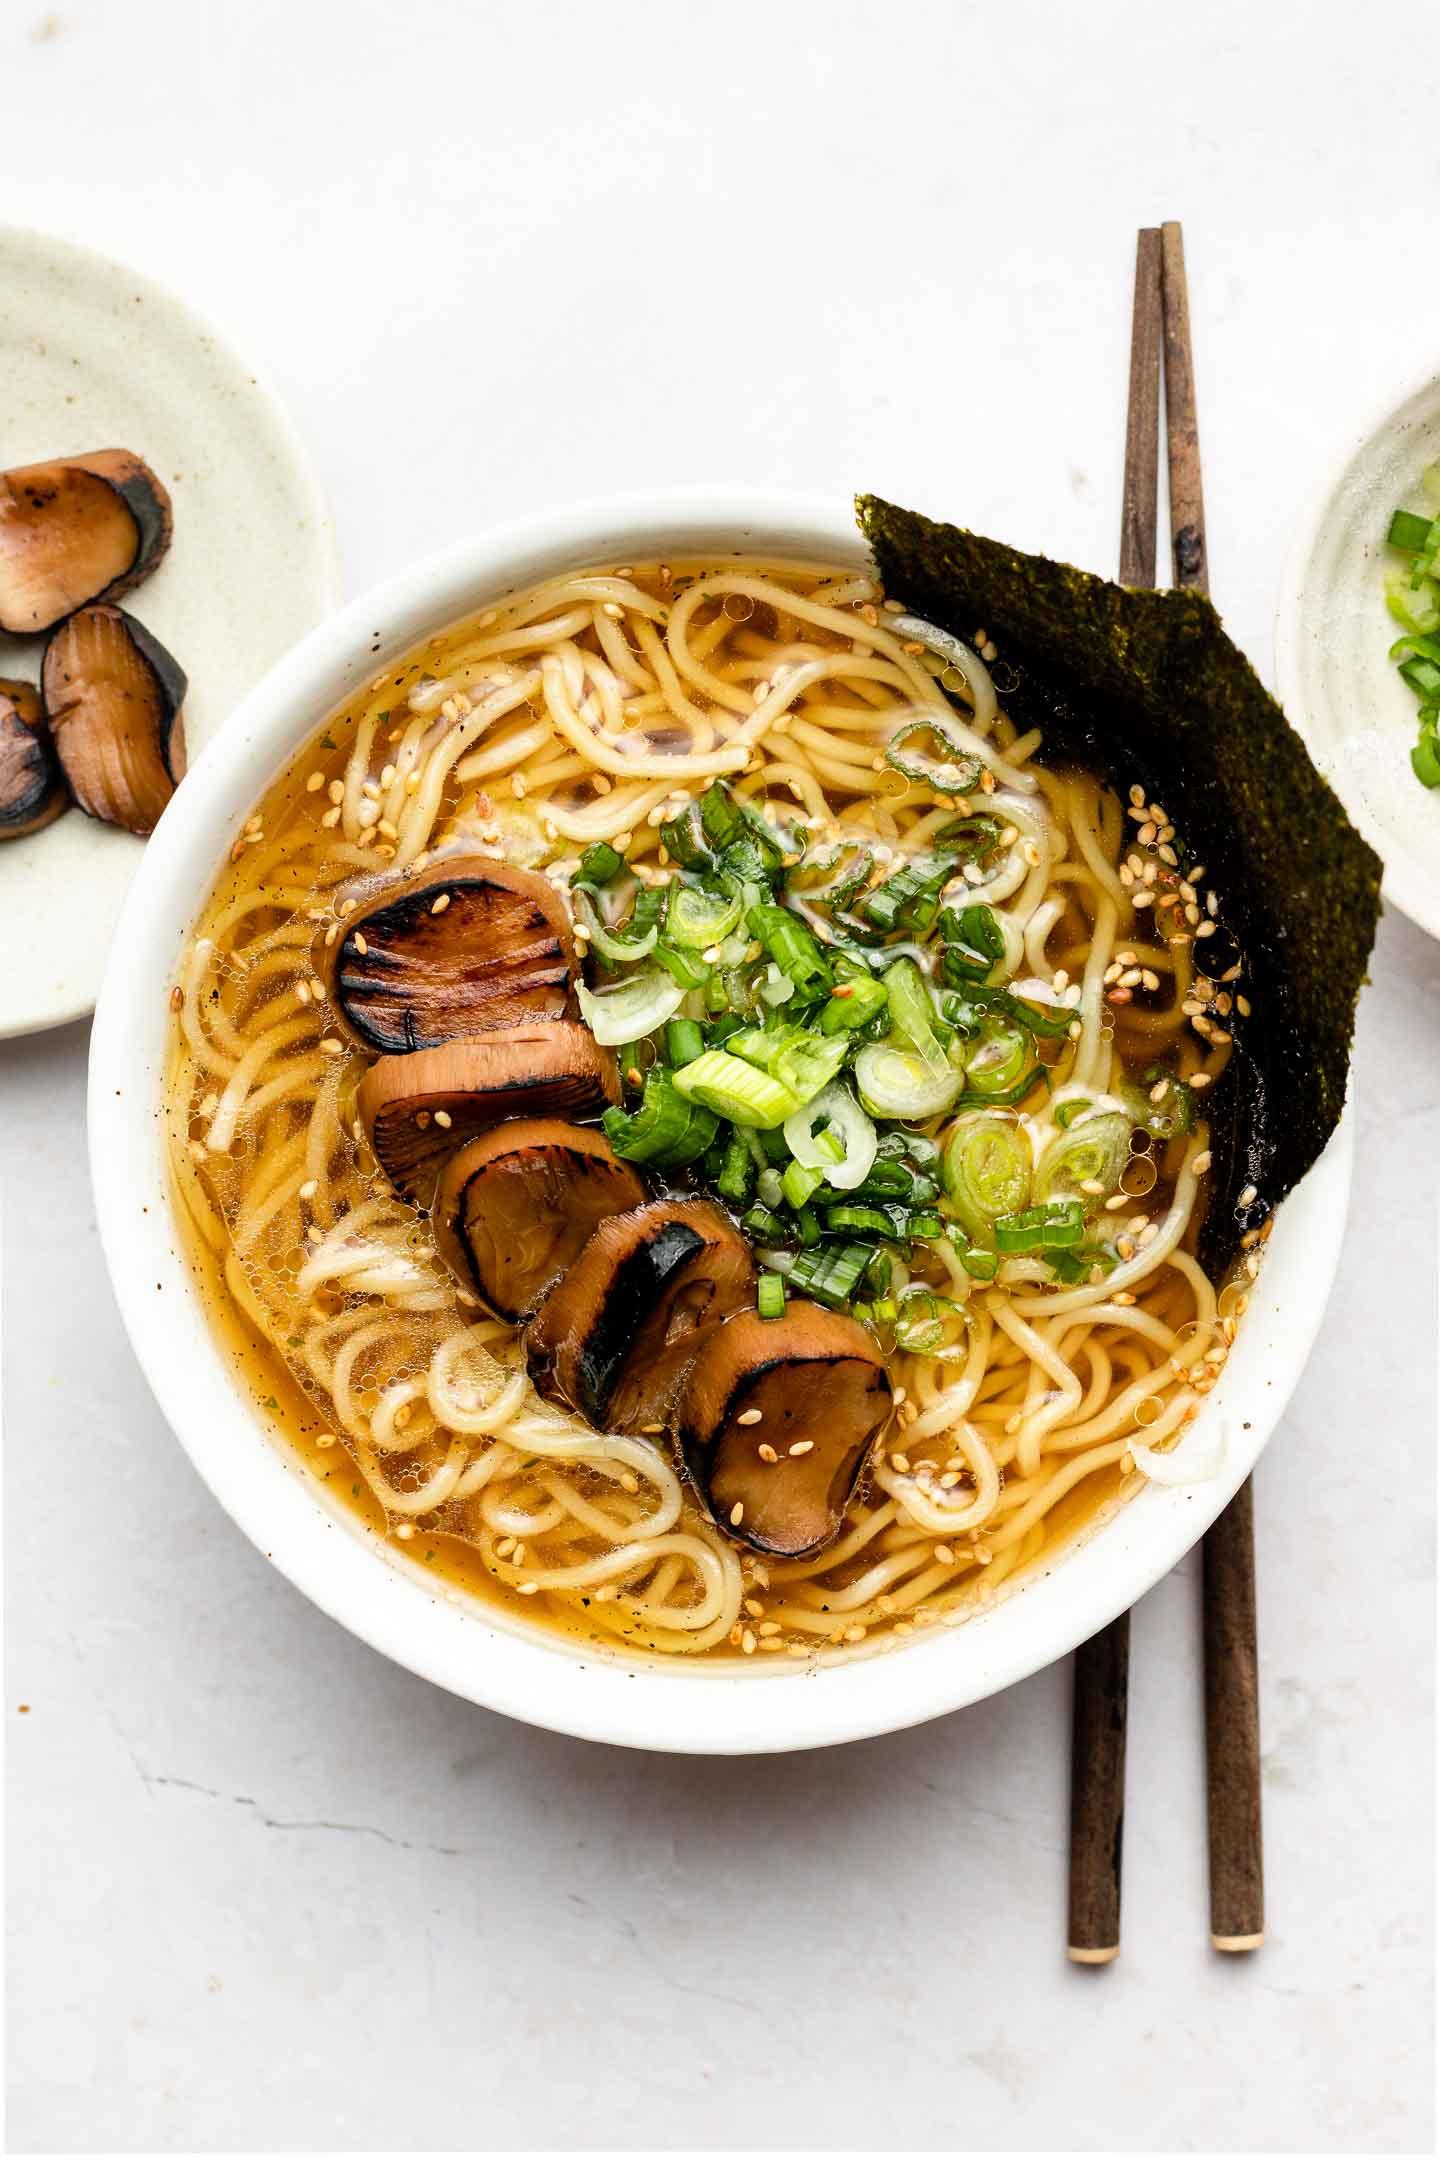 Quick Easy Vegan Ramen 5 Minute Mix Slurp Okonomi Kitchen